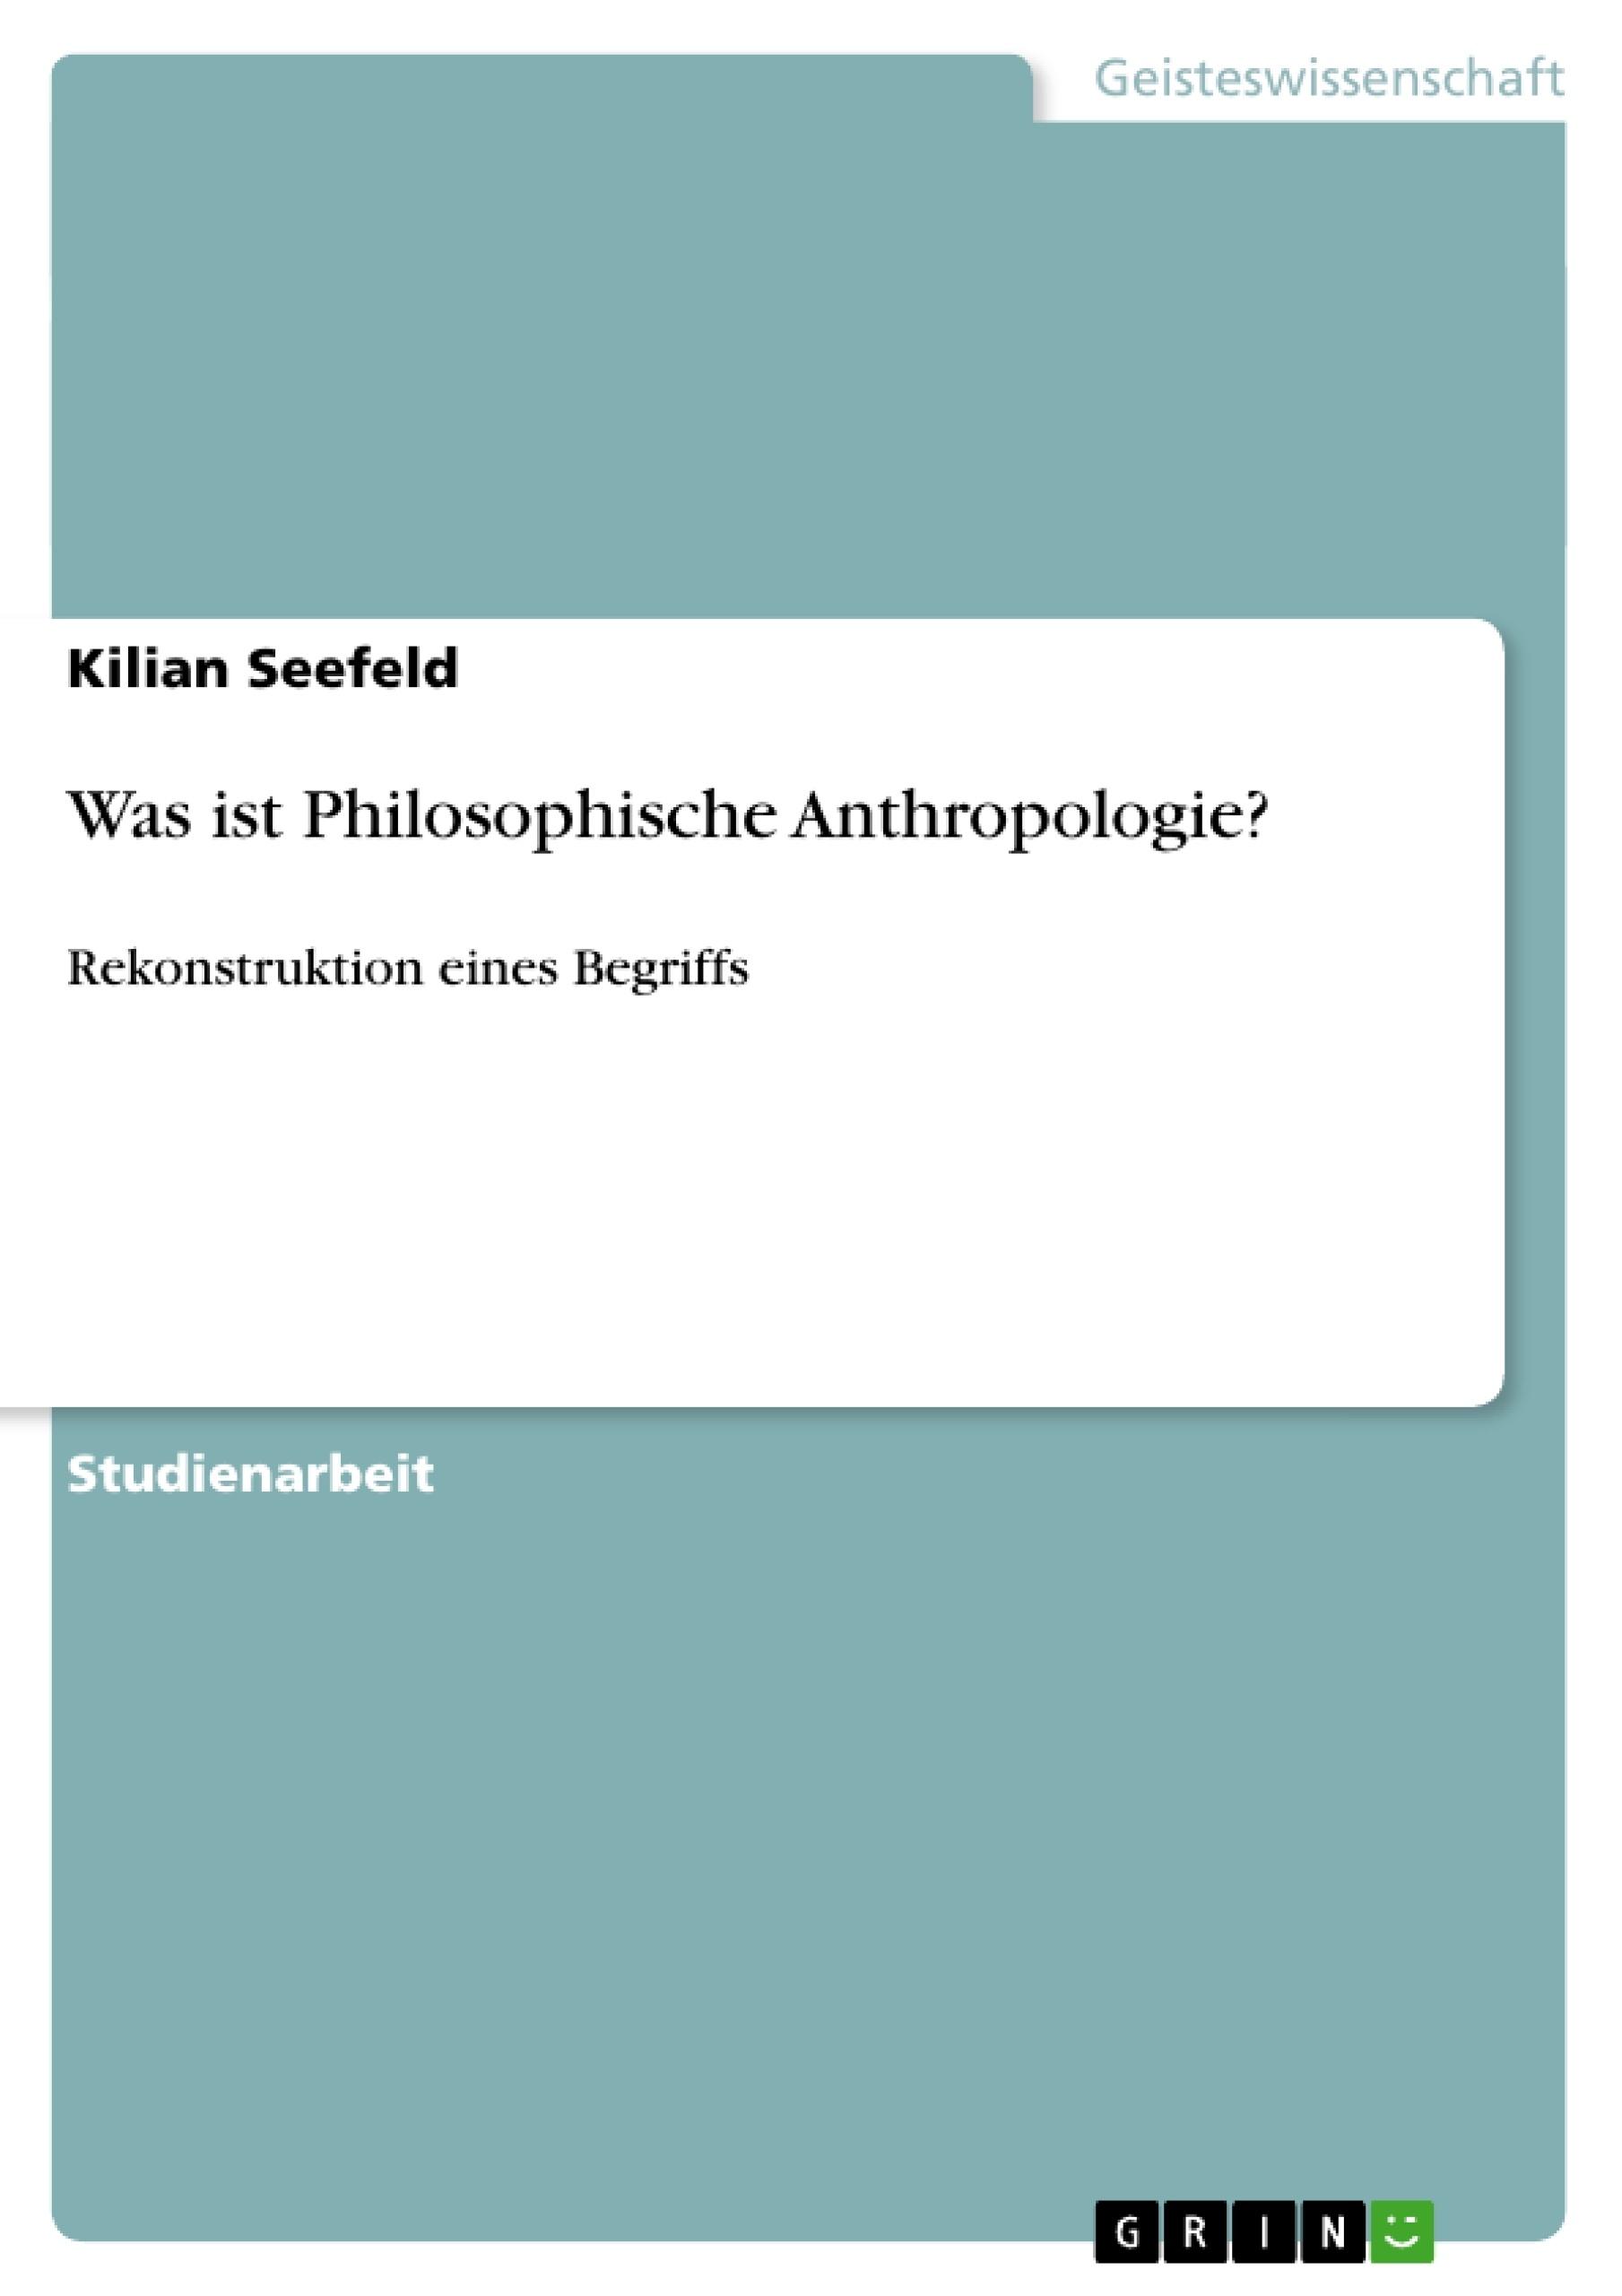 Titel: Was ist Philosophische Anthropologie?